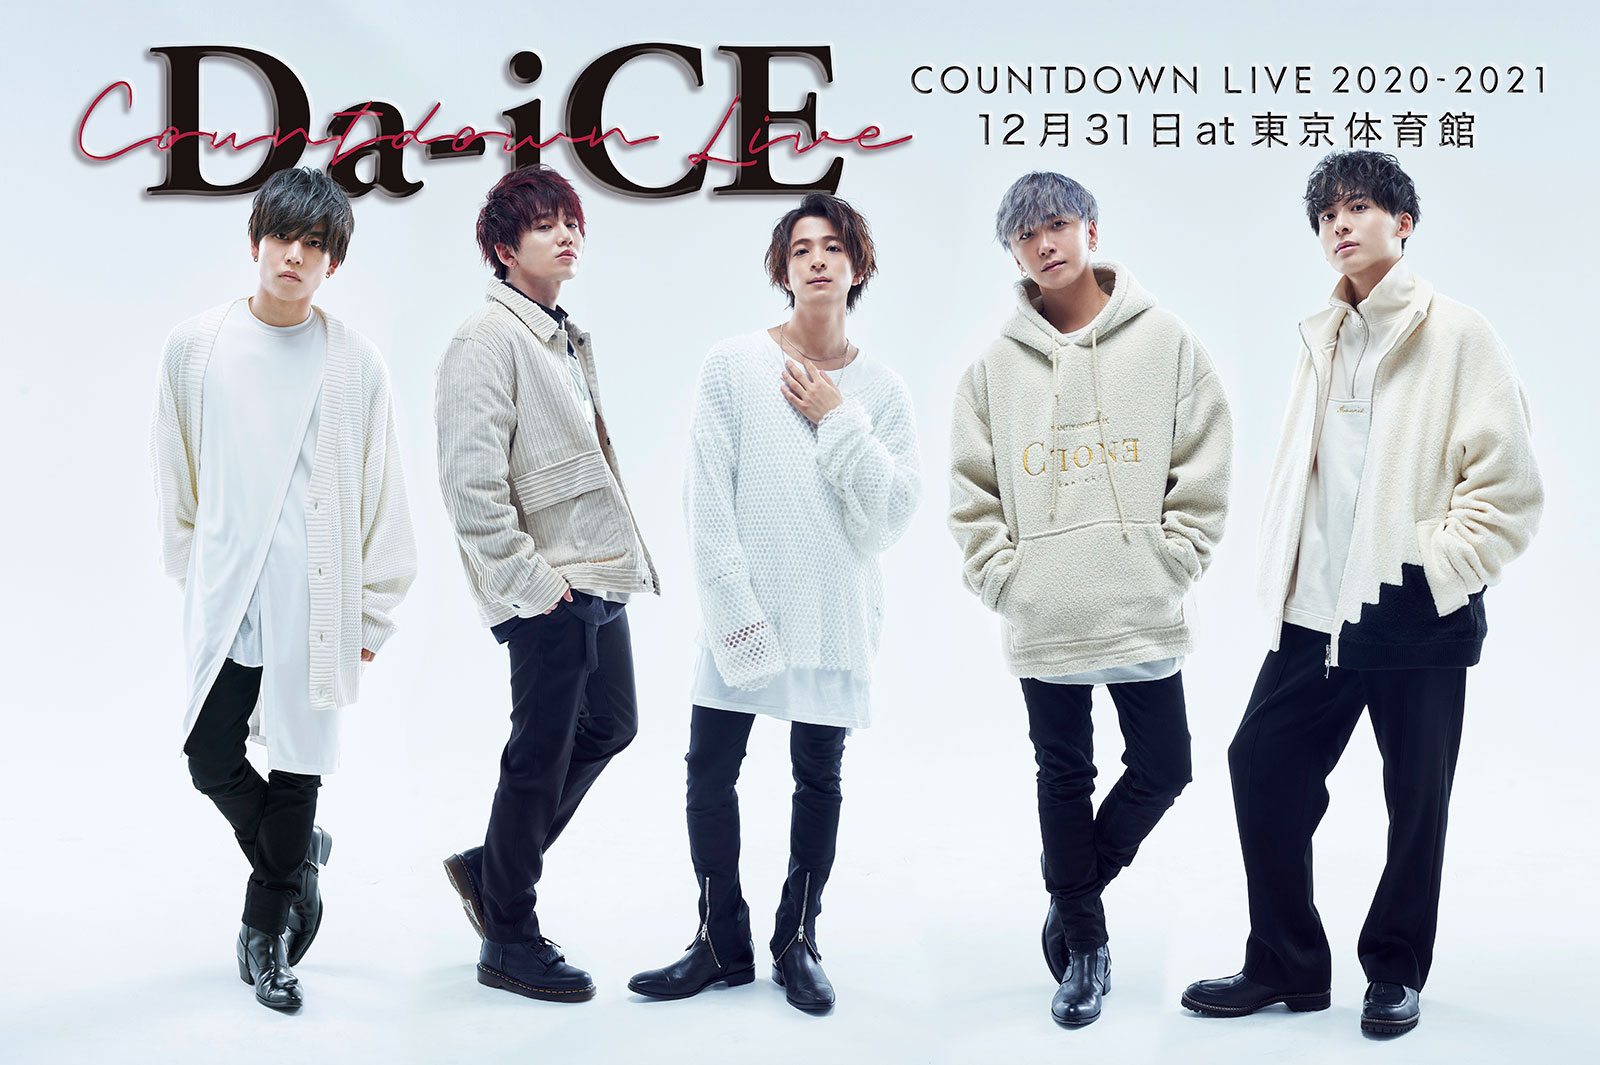 Da-iCE COUNTDOWN LIVE 2020-2021